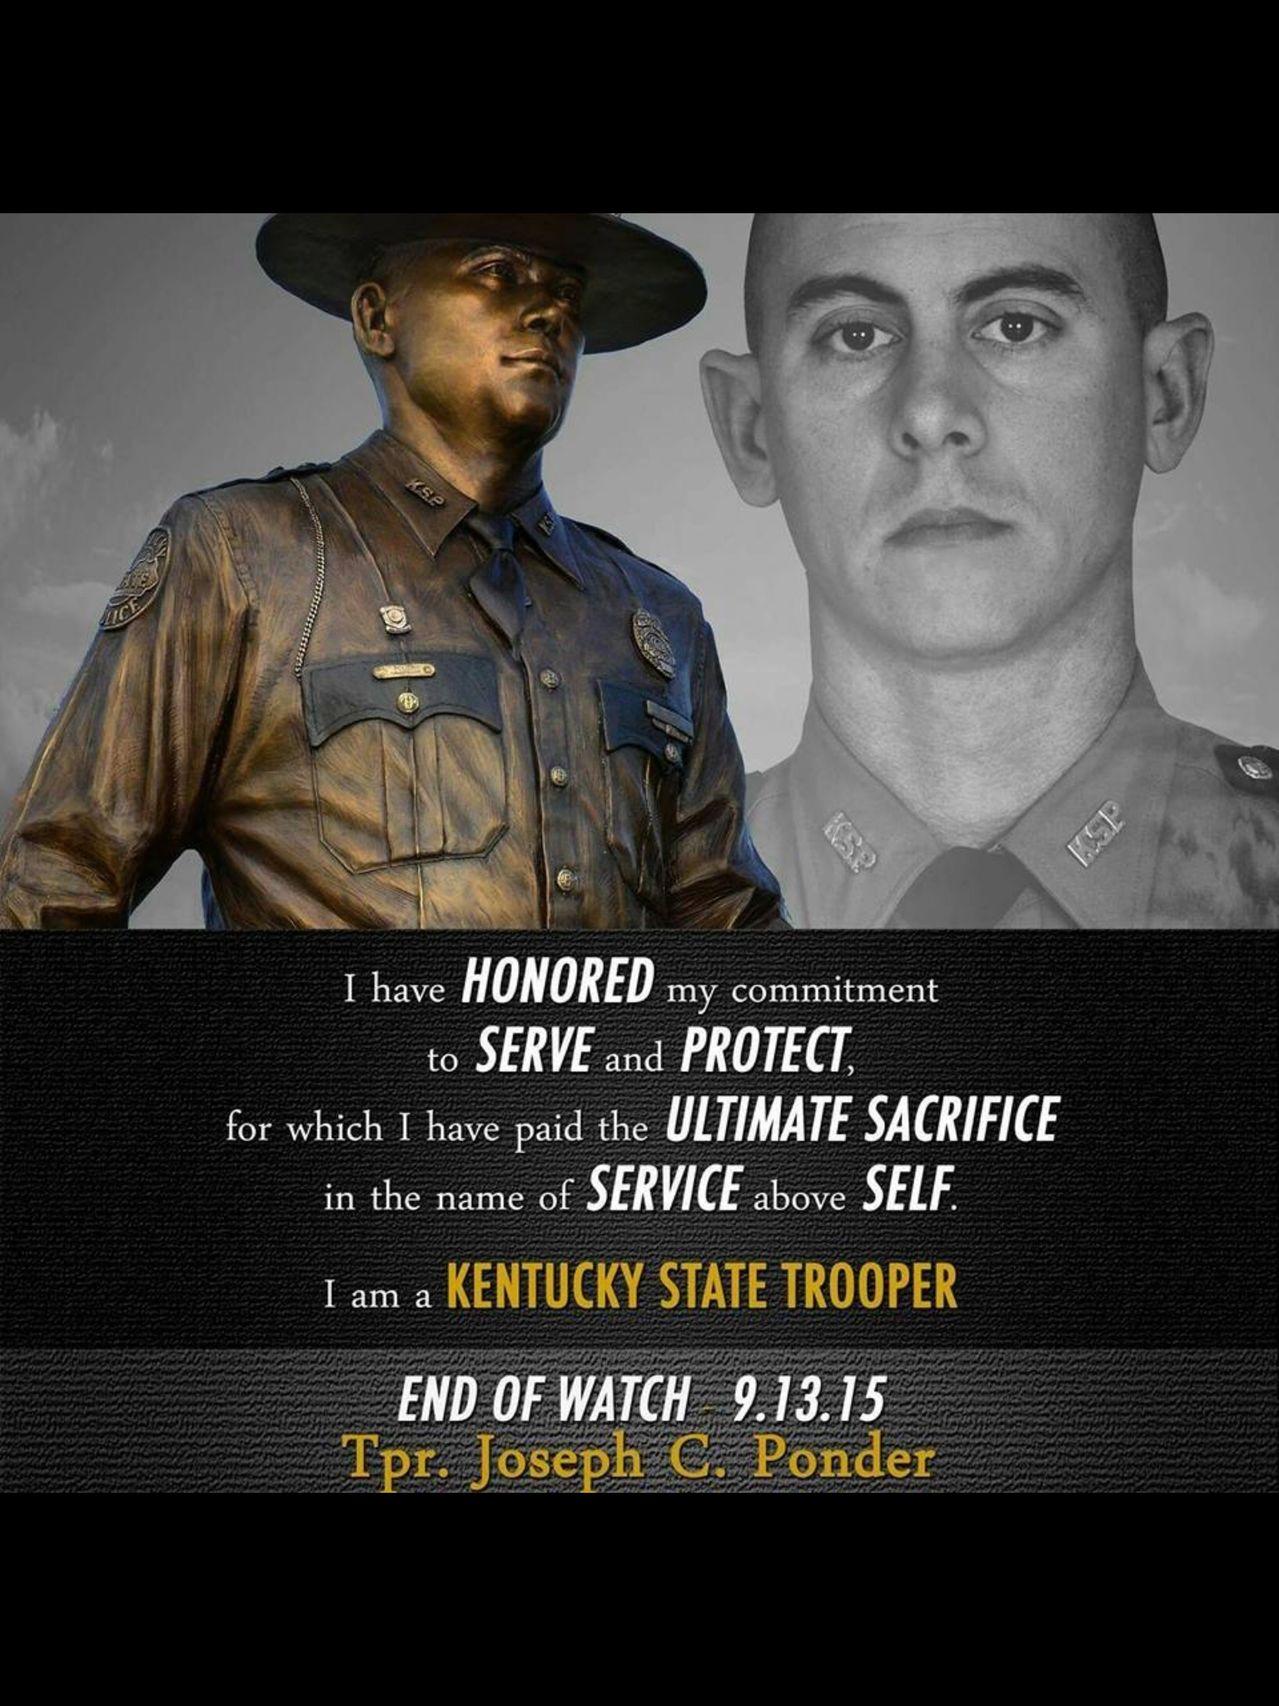 Trooper Ponder   KSP 954 Post 1 Mayfield.   Image